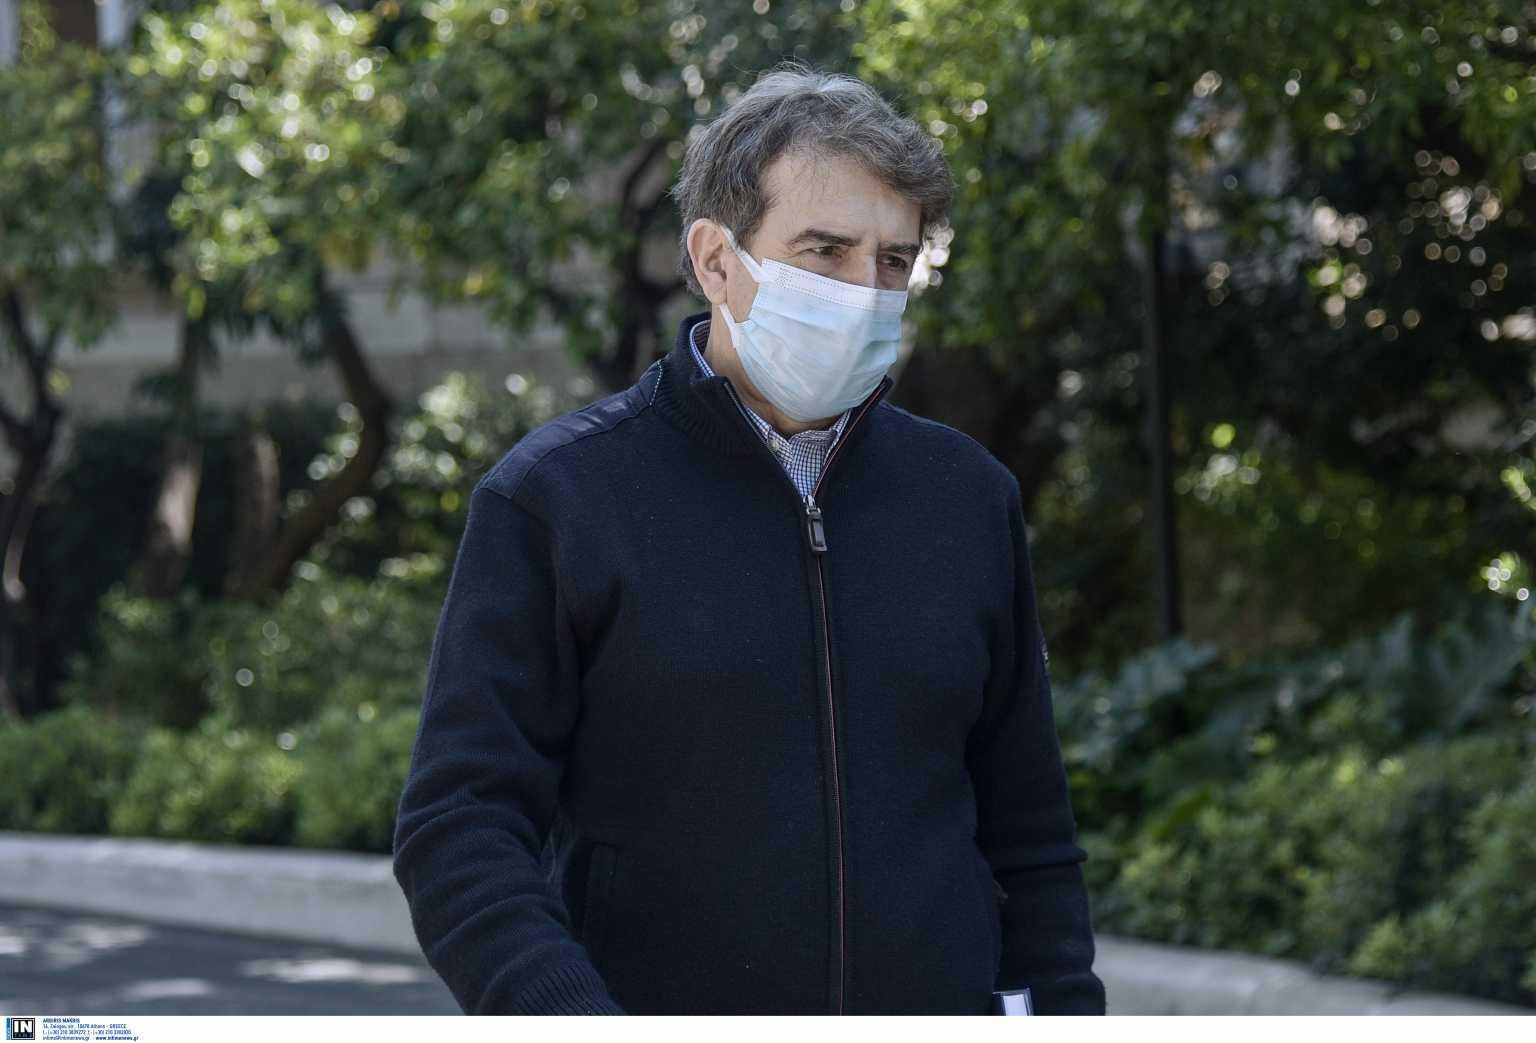 Χρυσοχοΐδης: Έκτακτες συσκέψεις για οργανωμένο έγκλημα και αστυνόμευση μετά τις πρόσφατες δολοφονίες